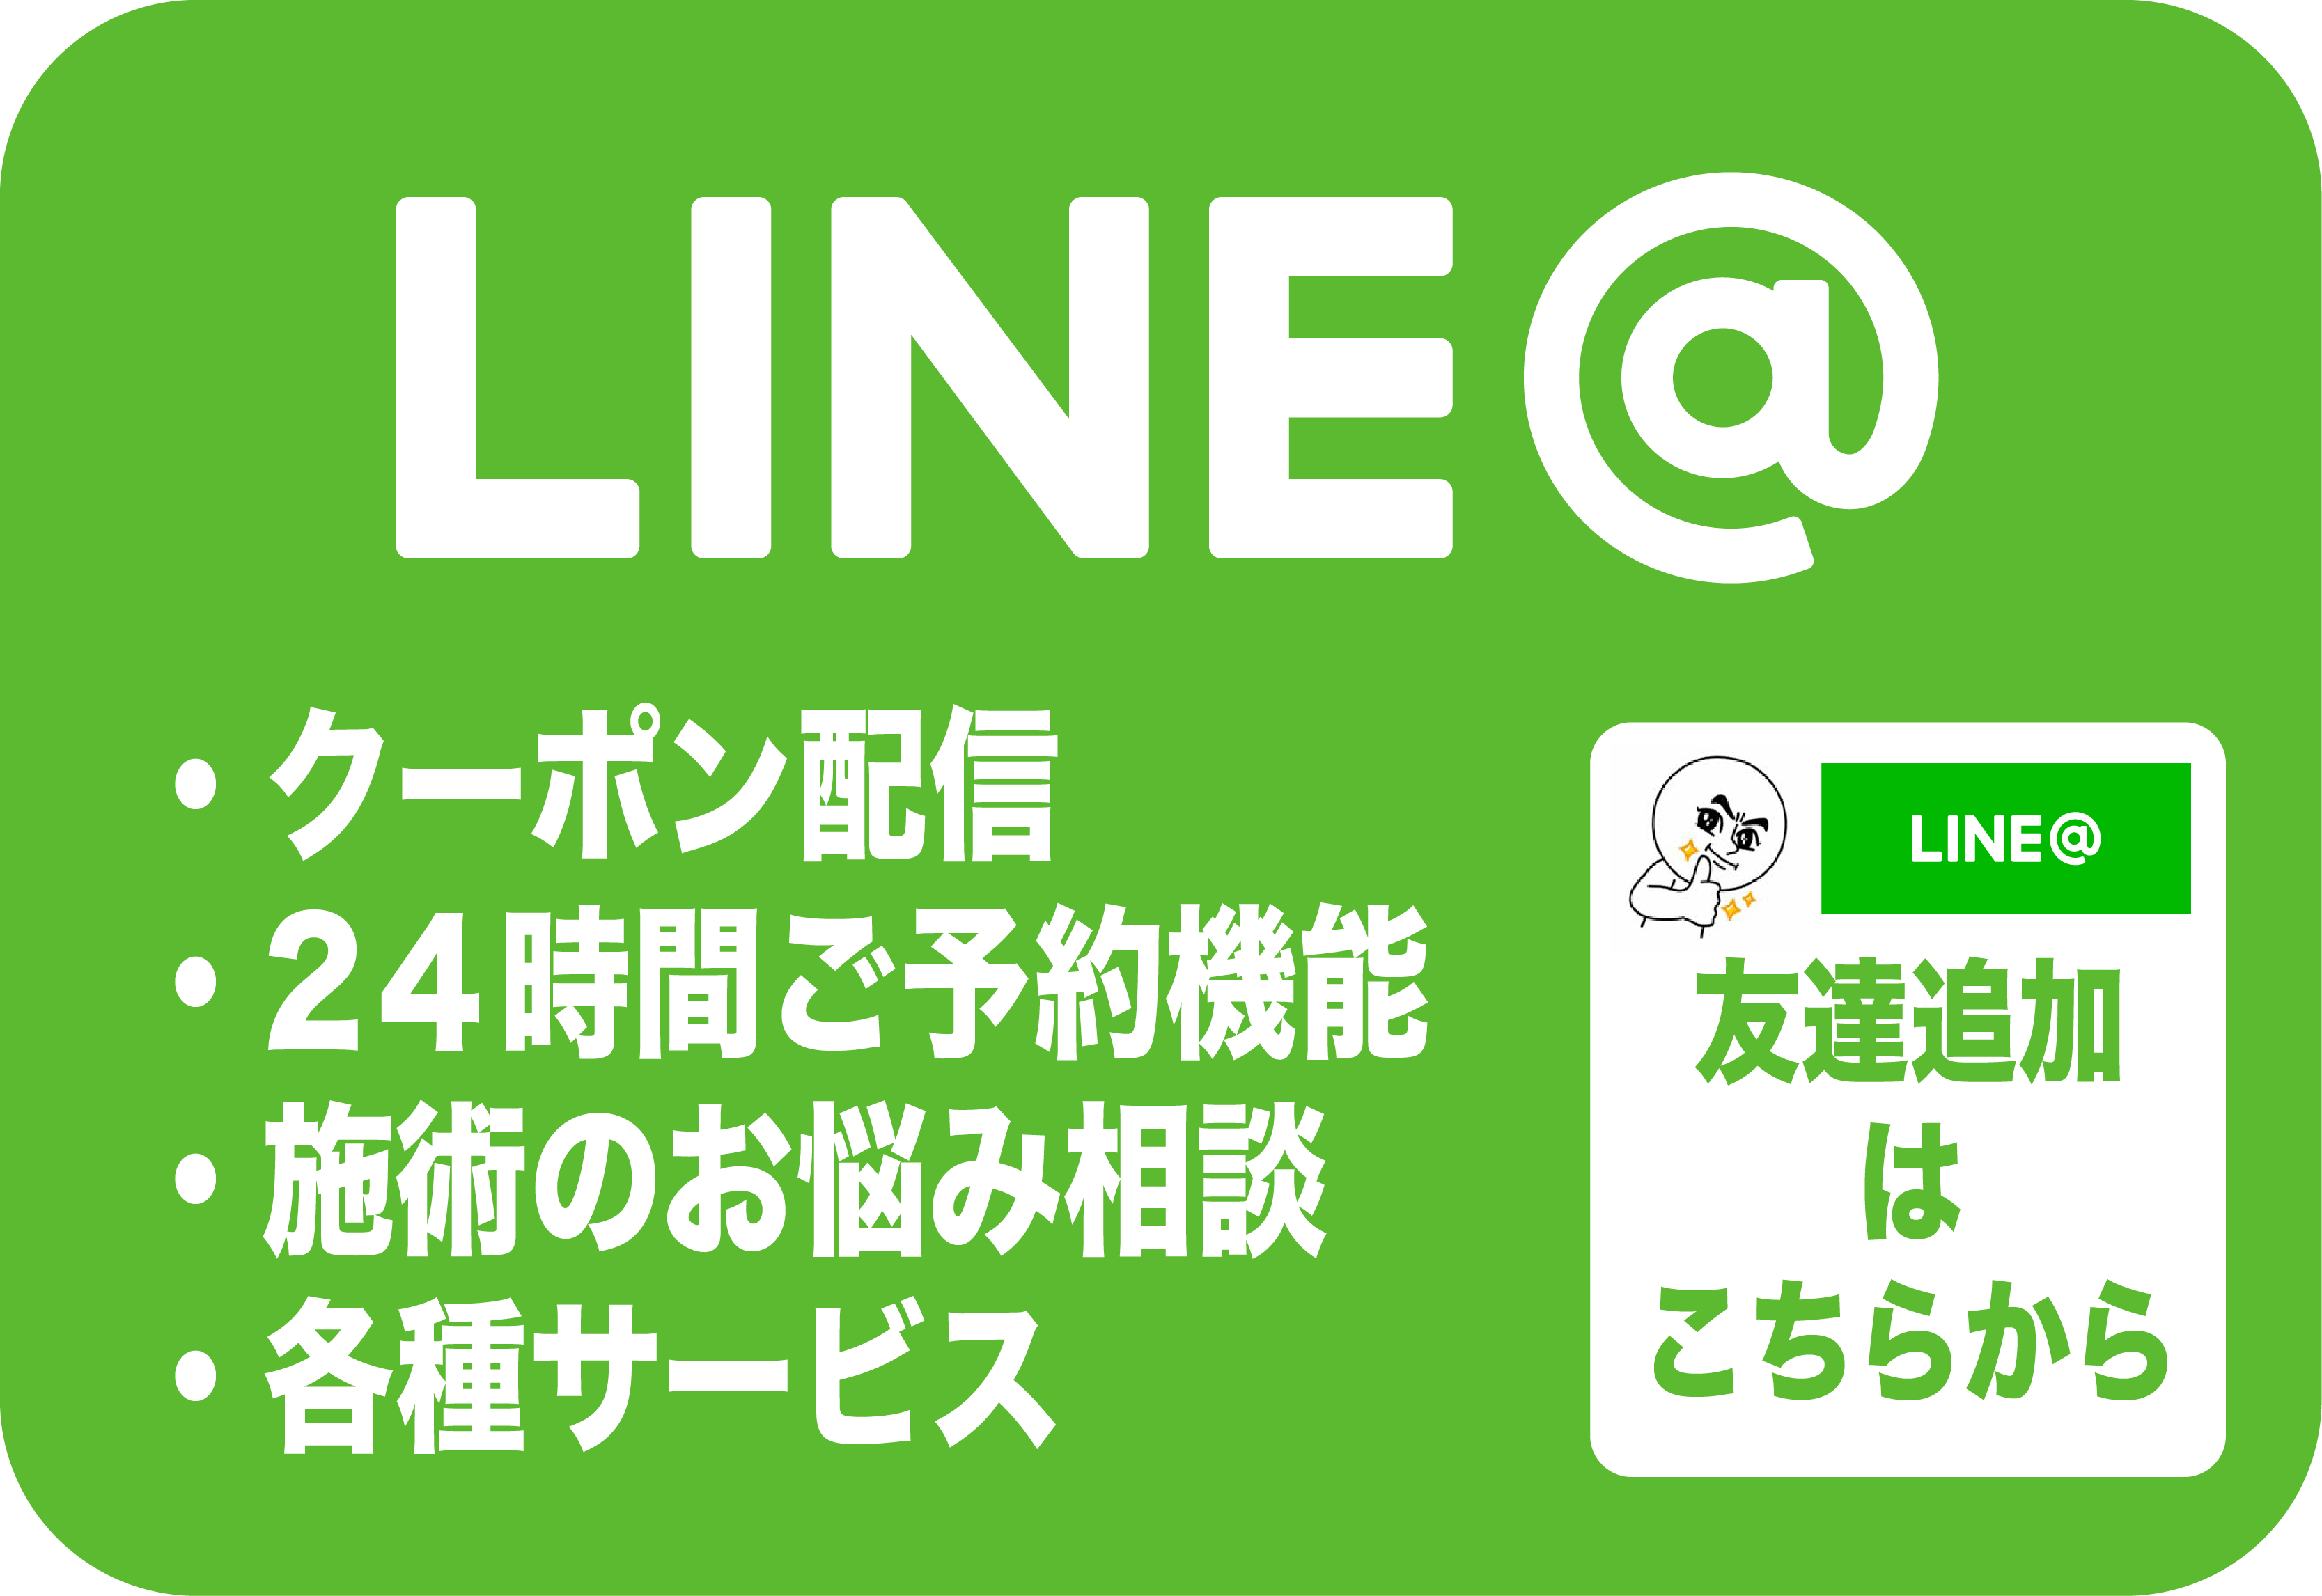 クーポン配信・24時間ご予約対応・施術のお悩み対応・各種サービス対応のLINE@への友達追加登録はこちら